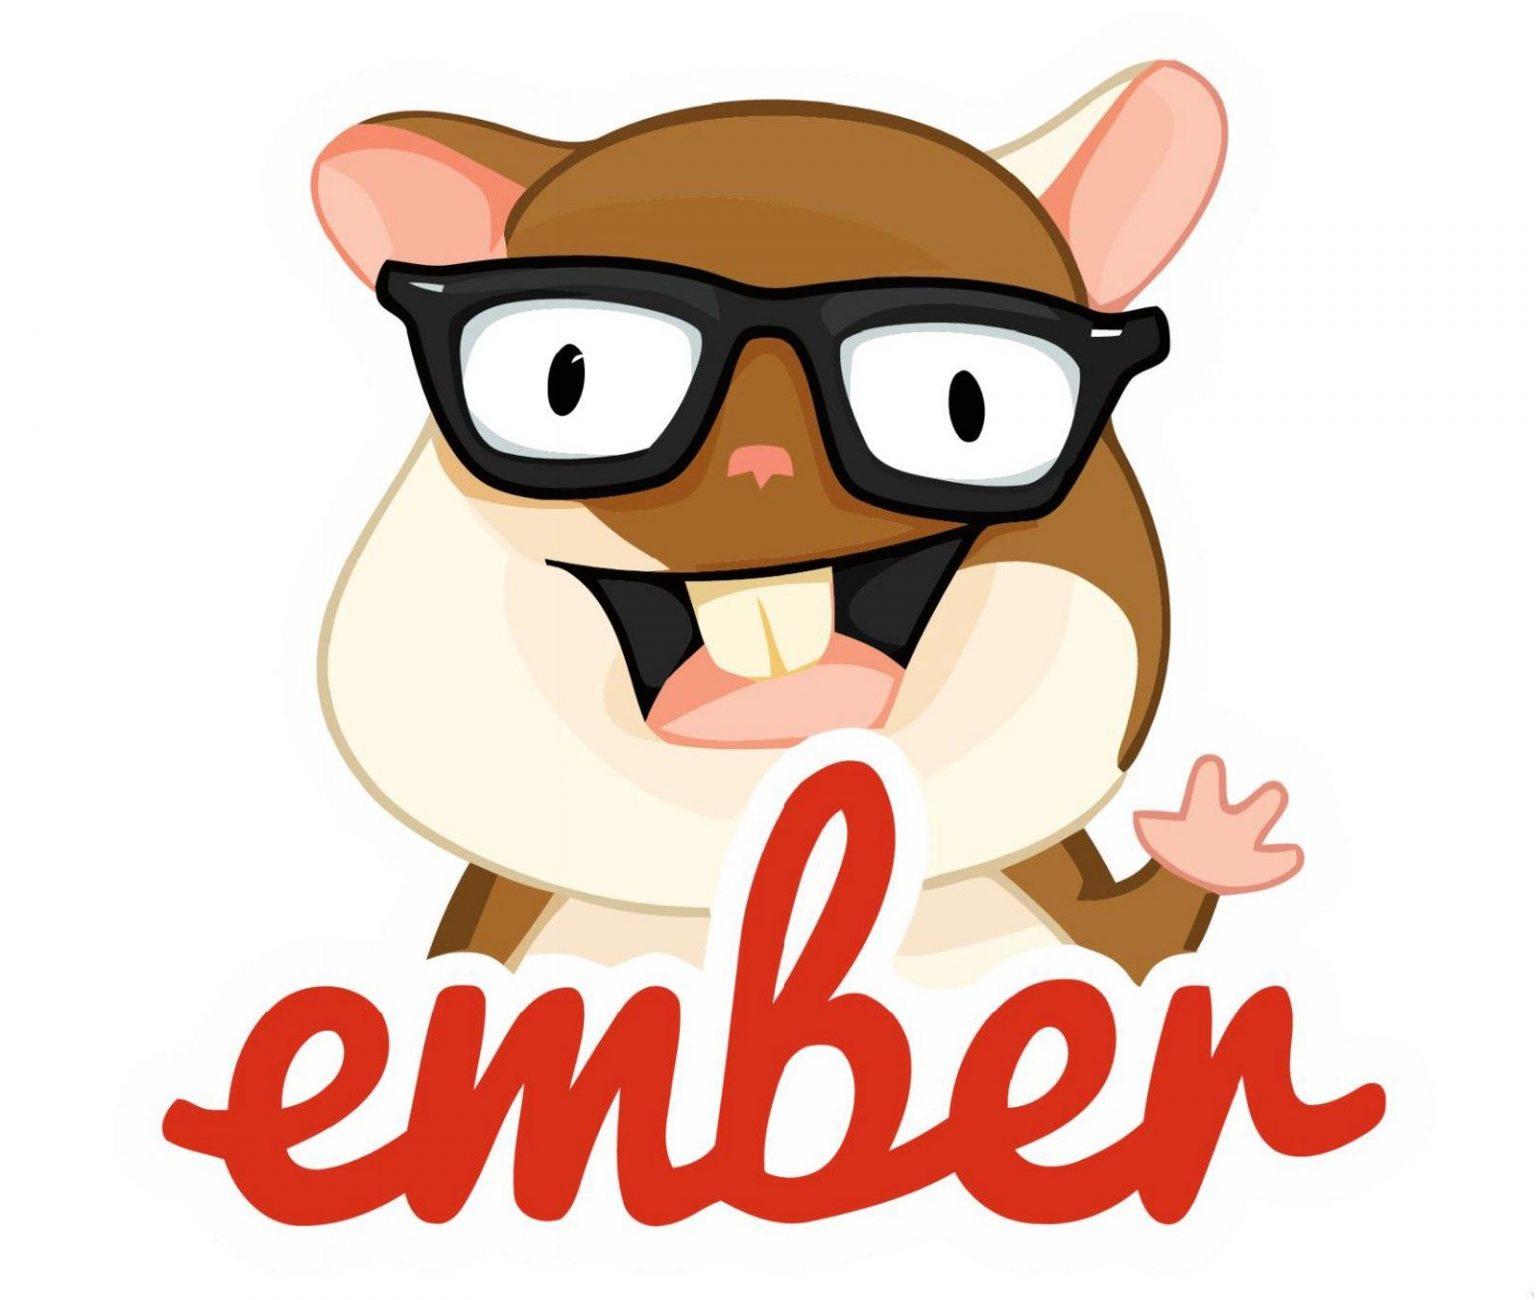 Curso de Fundamentos de Ember.js